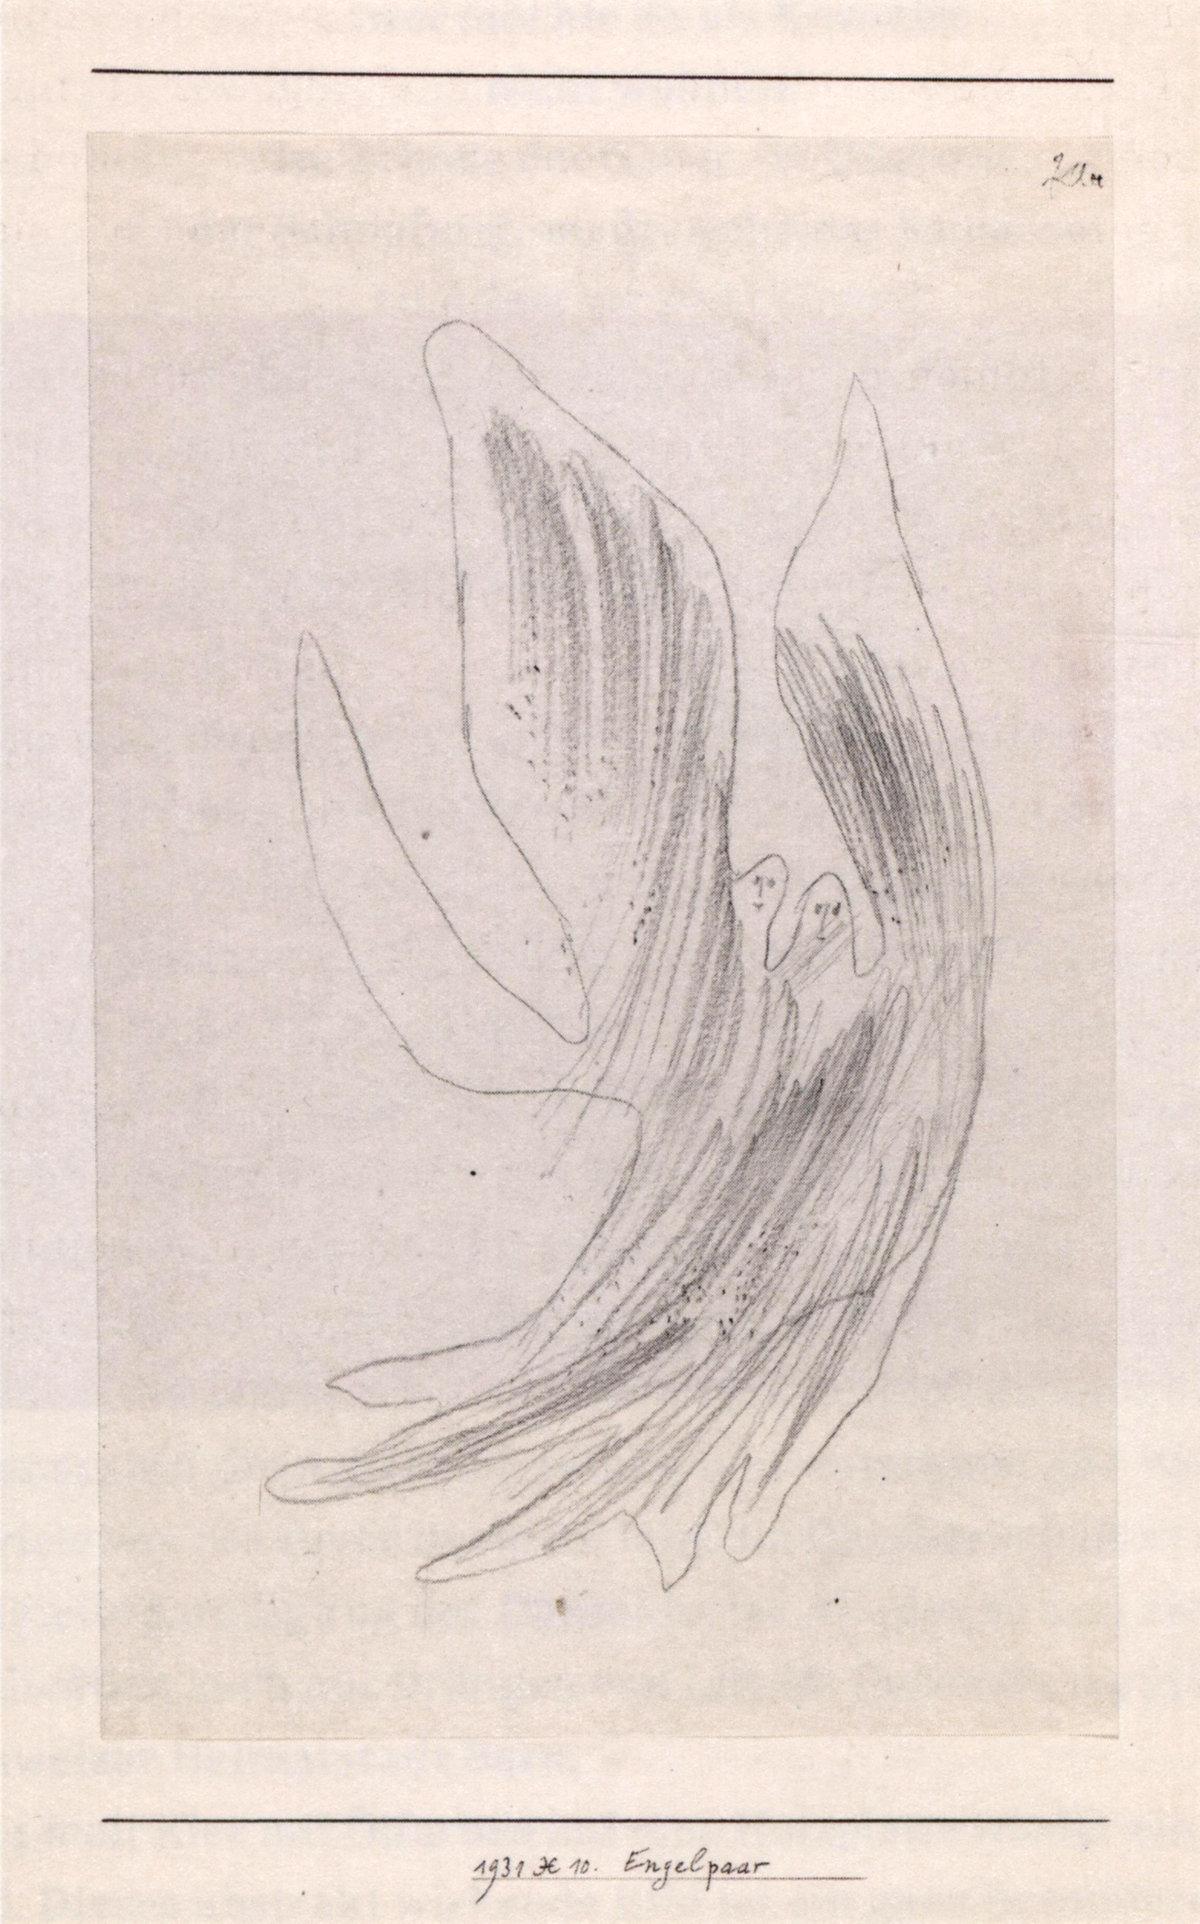 Engelpaar, 1931.